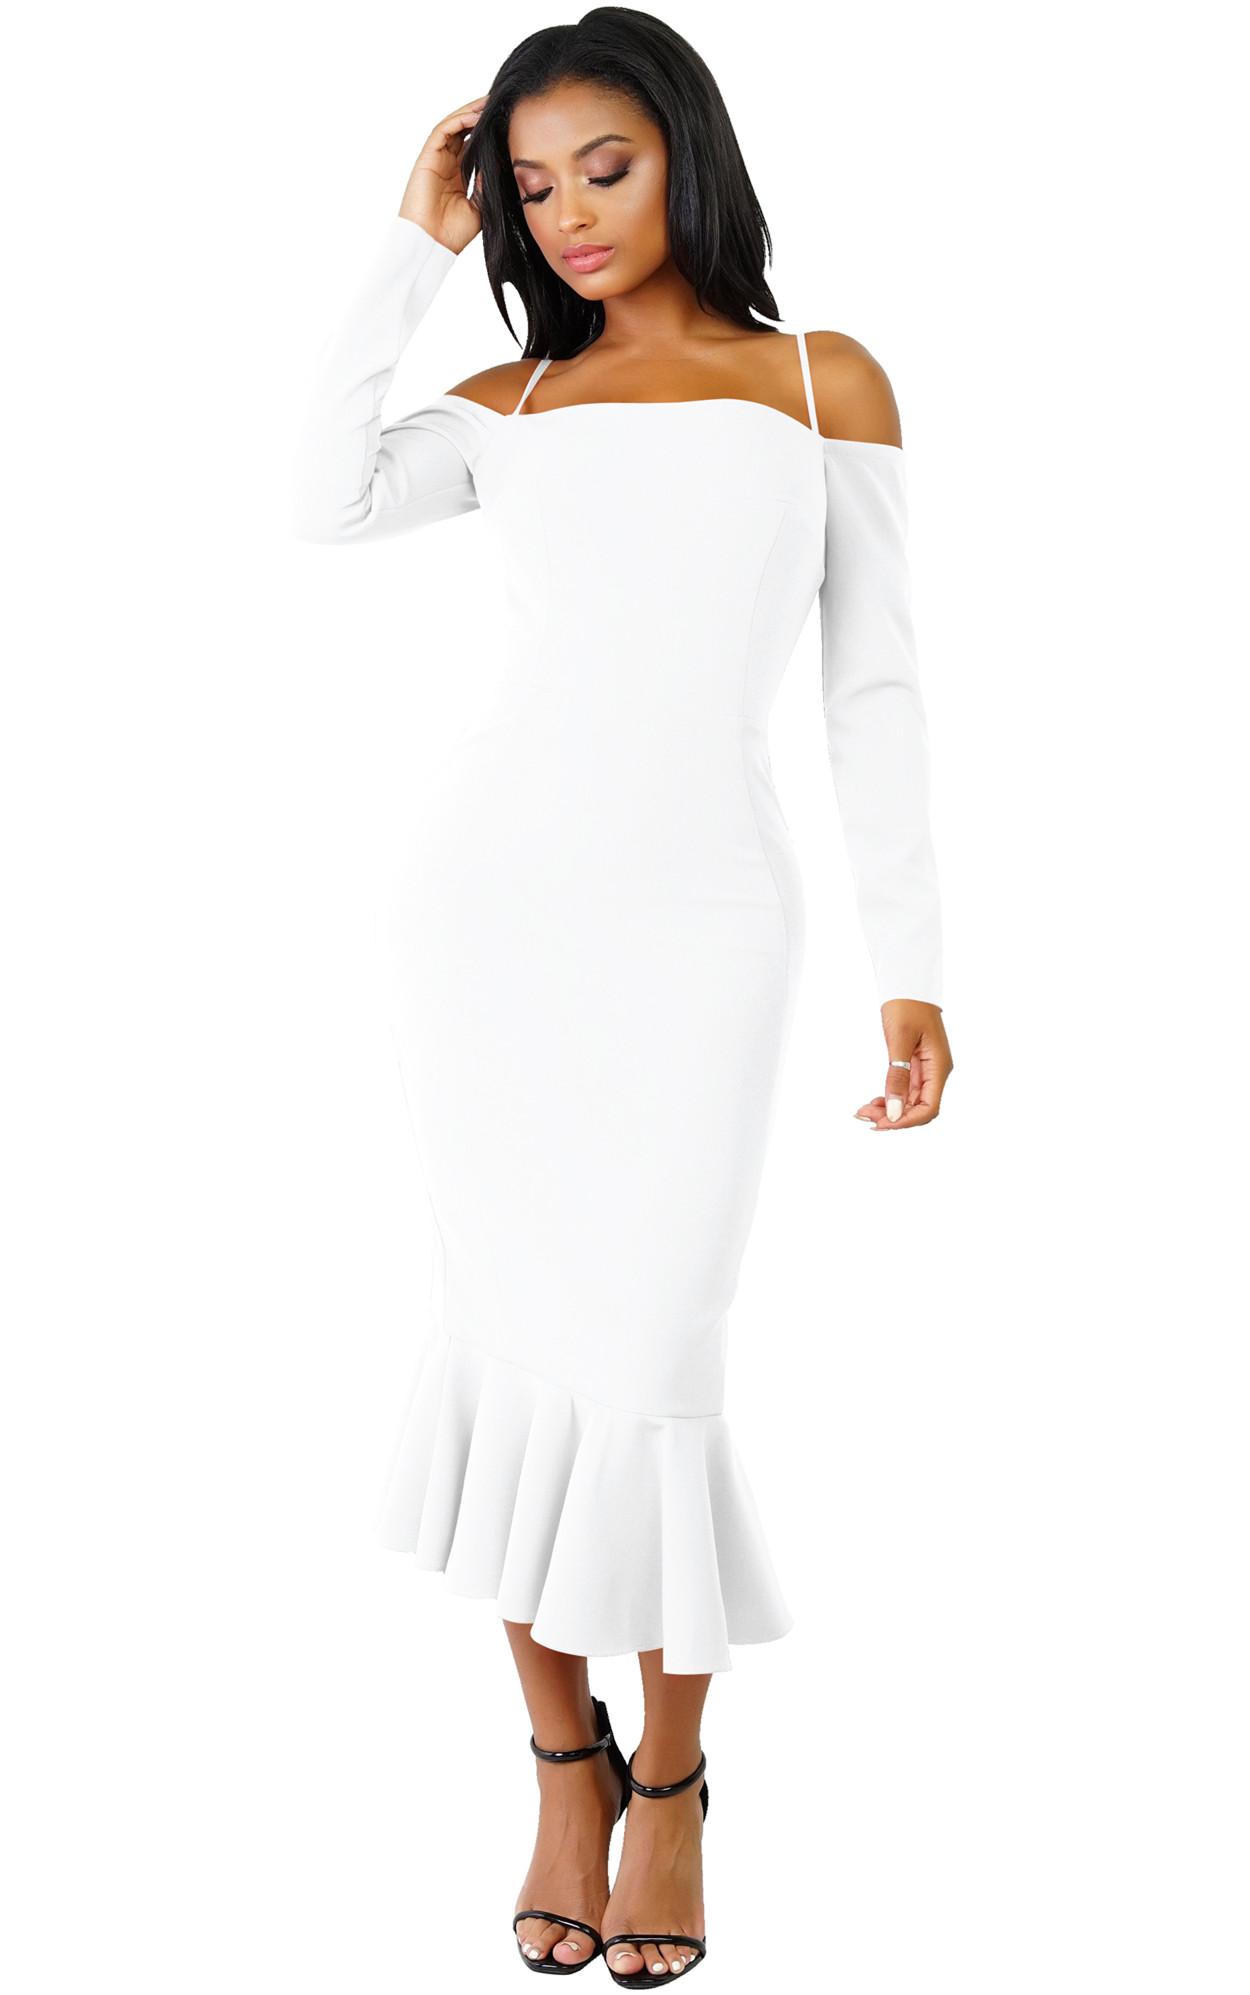 Mermaid Ruffle Dress